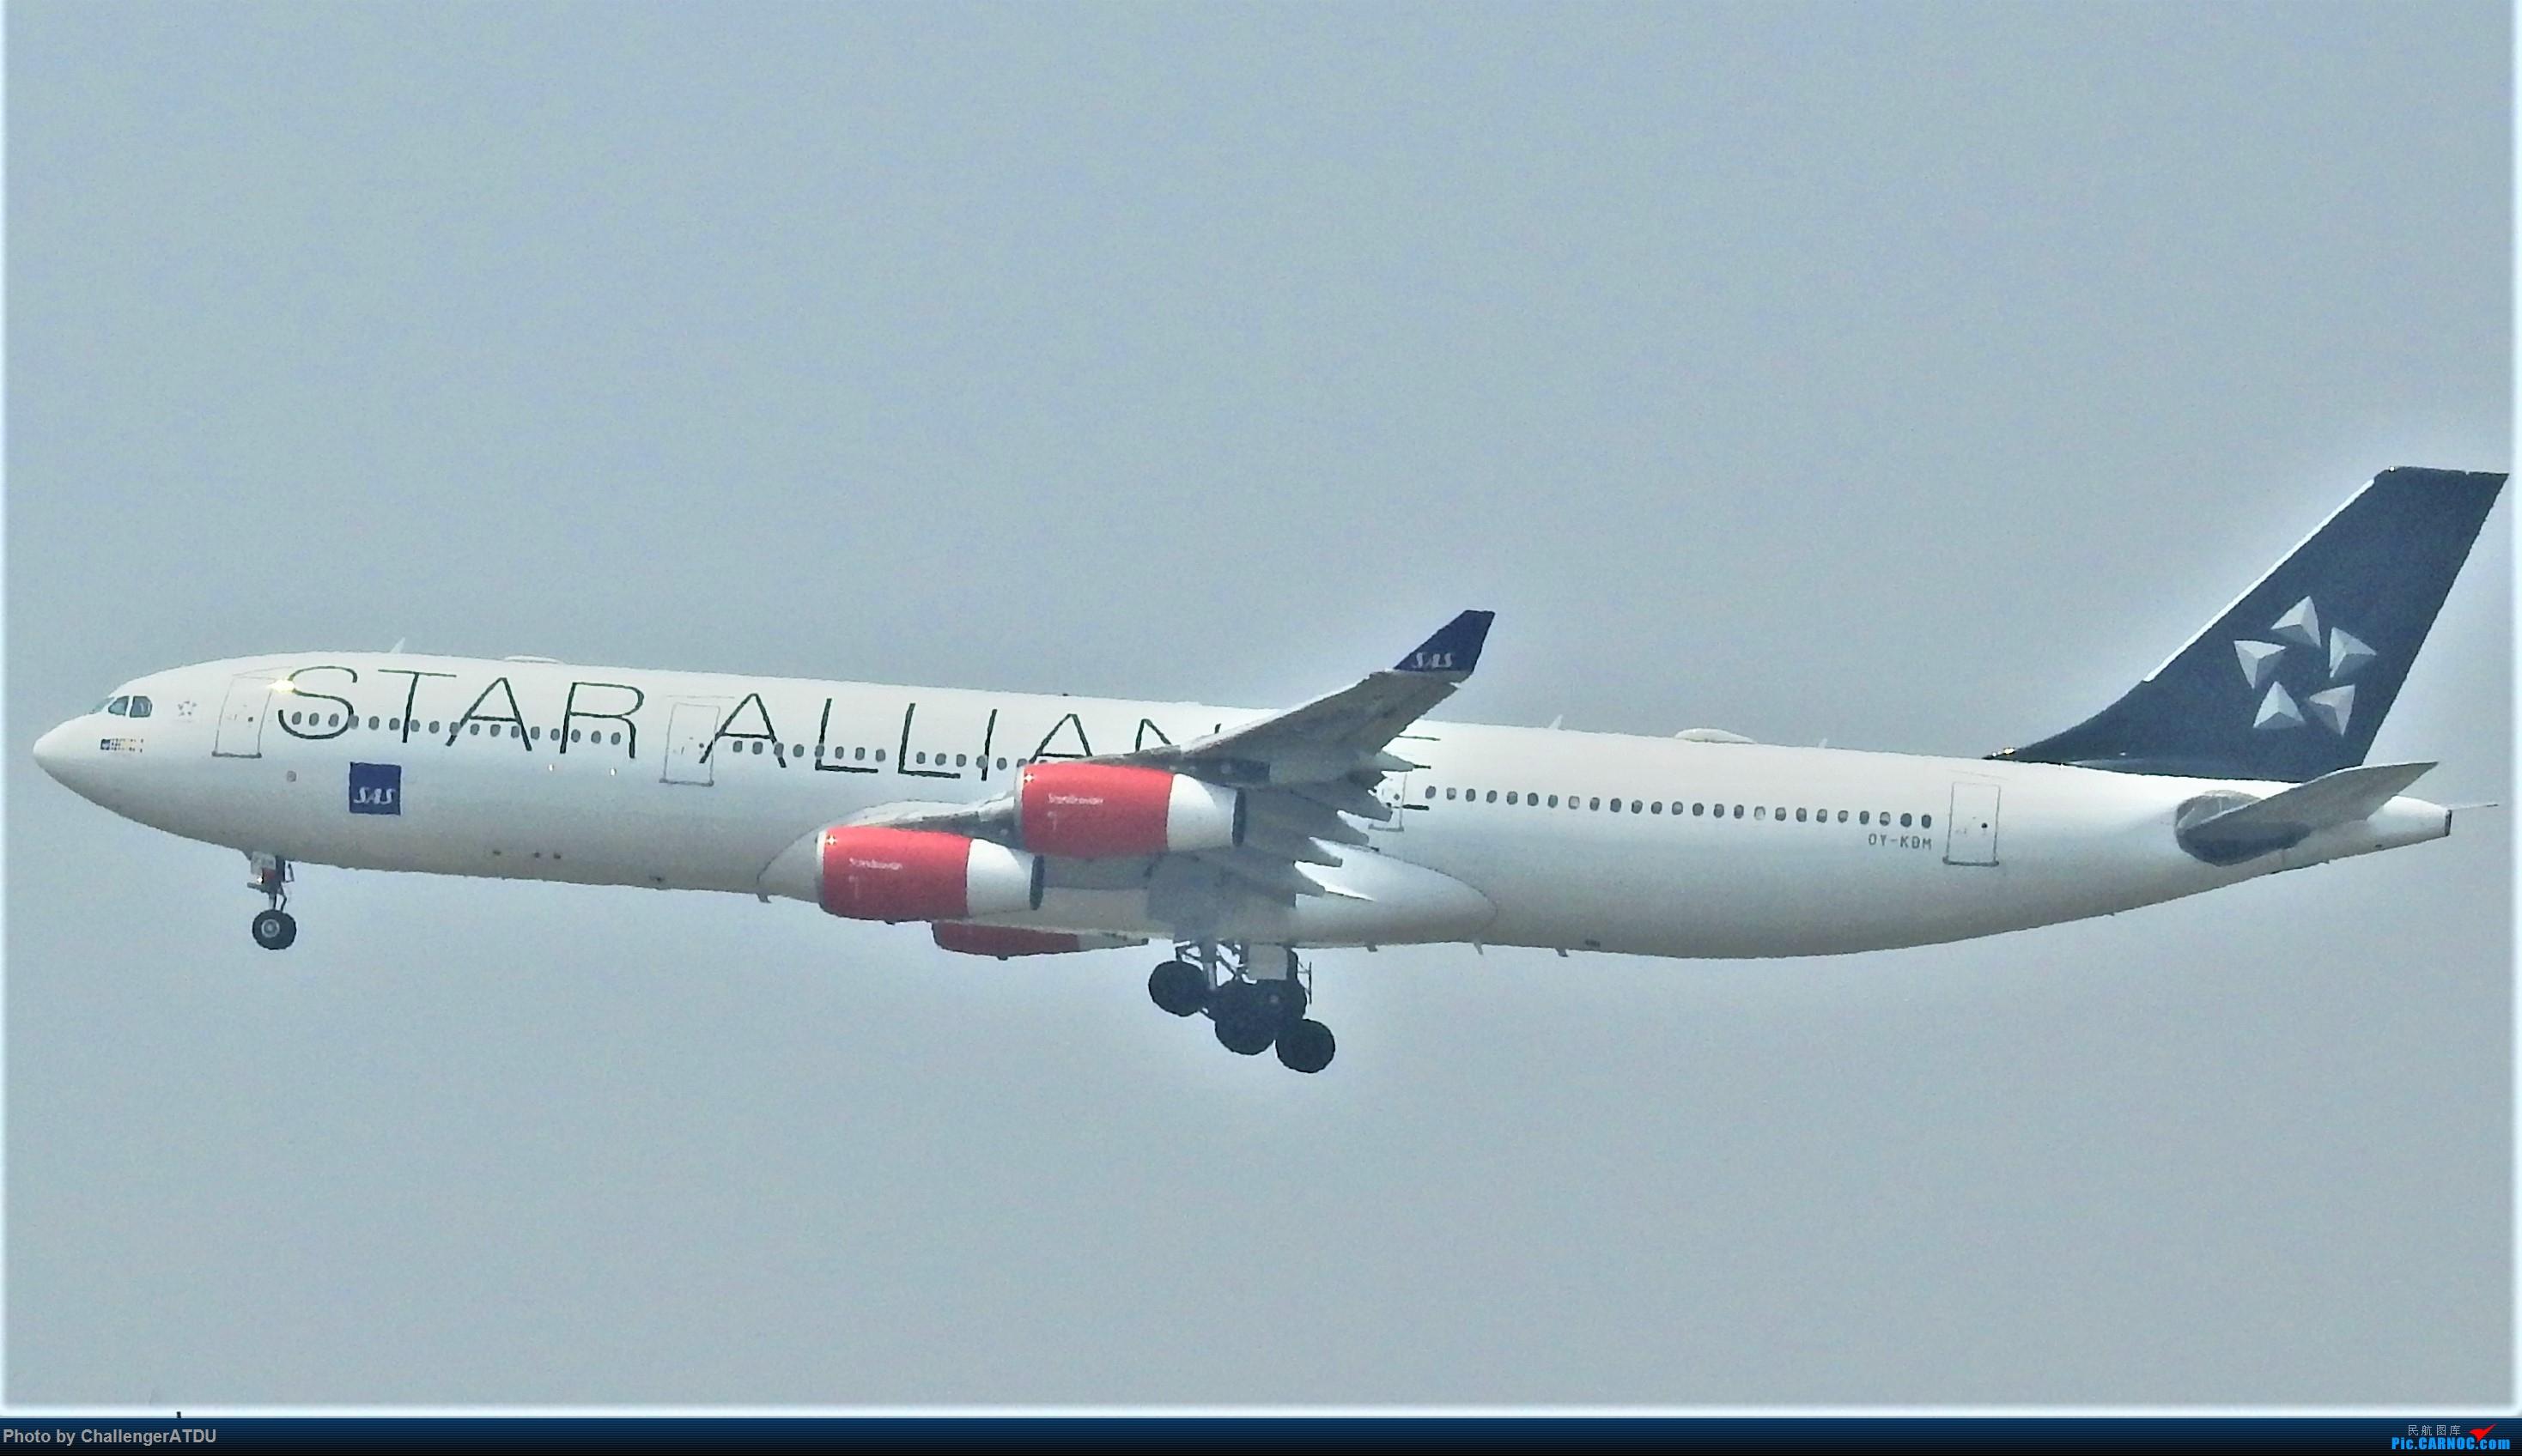 [原创]2020-5-30 萌新のPEK之旅 AIRBUS A340-300 OY-KBM 北京首都国际机场